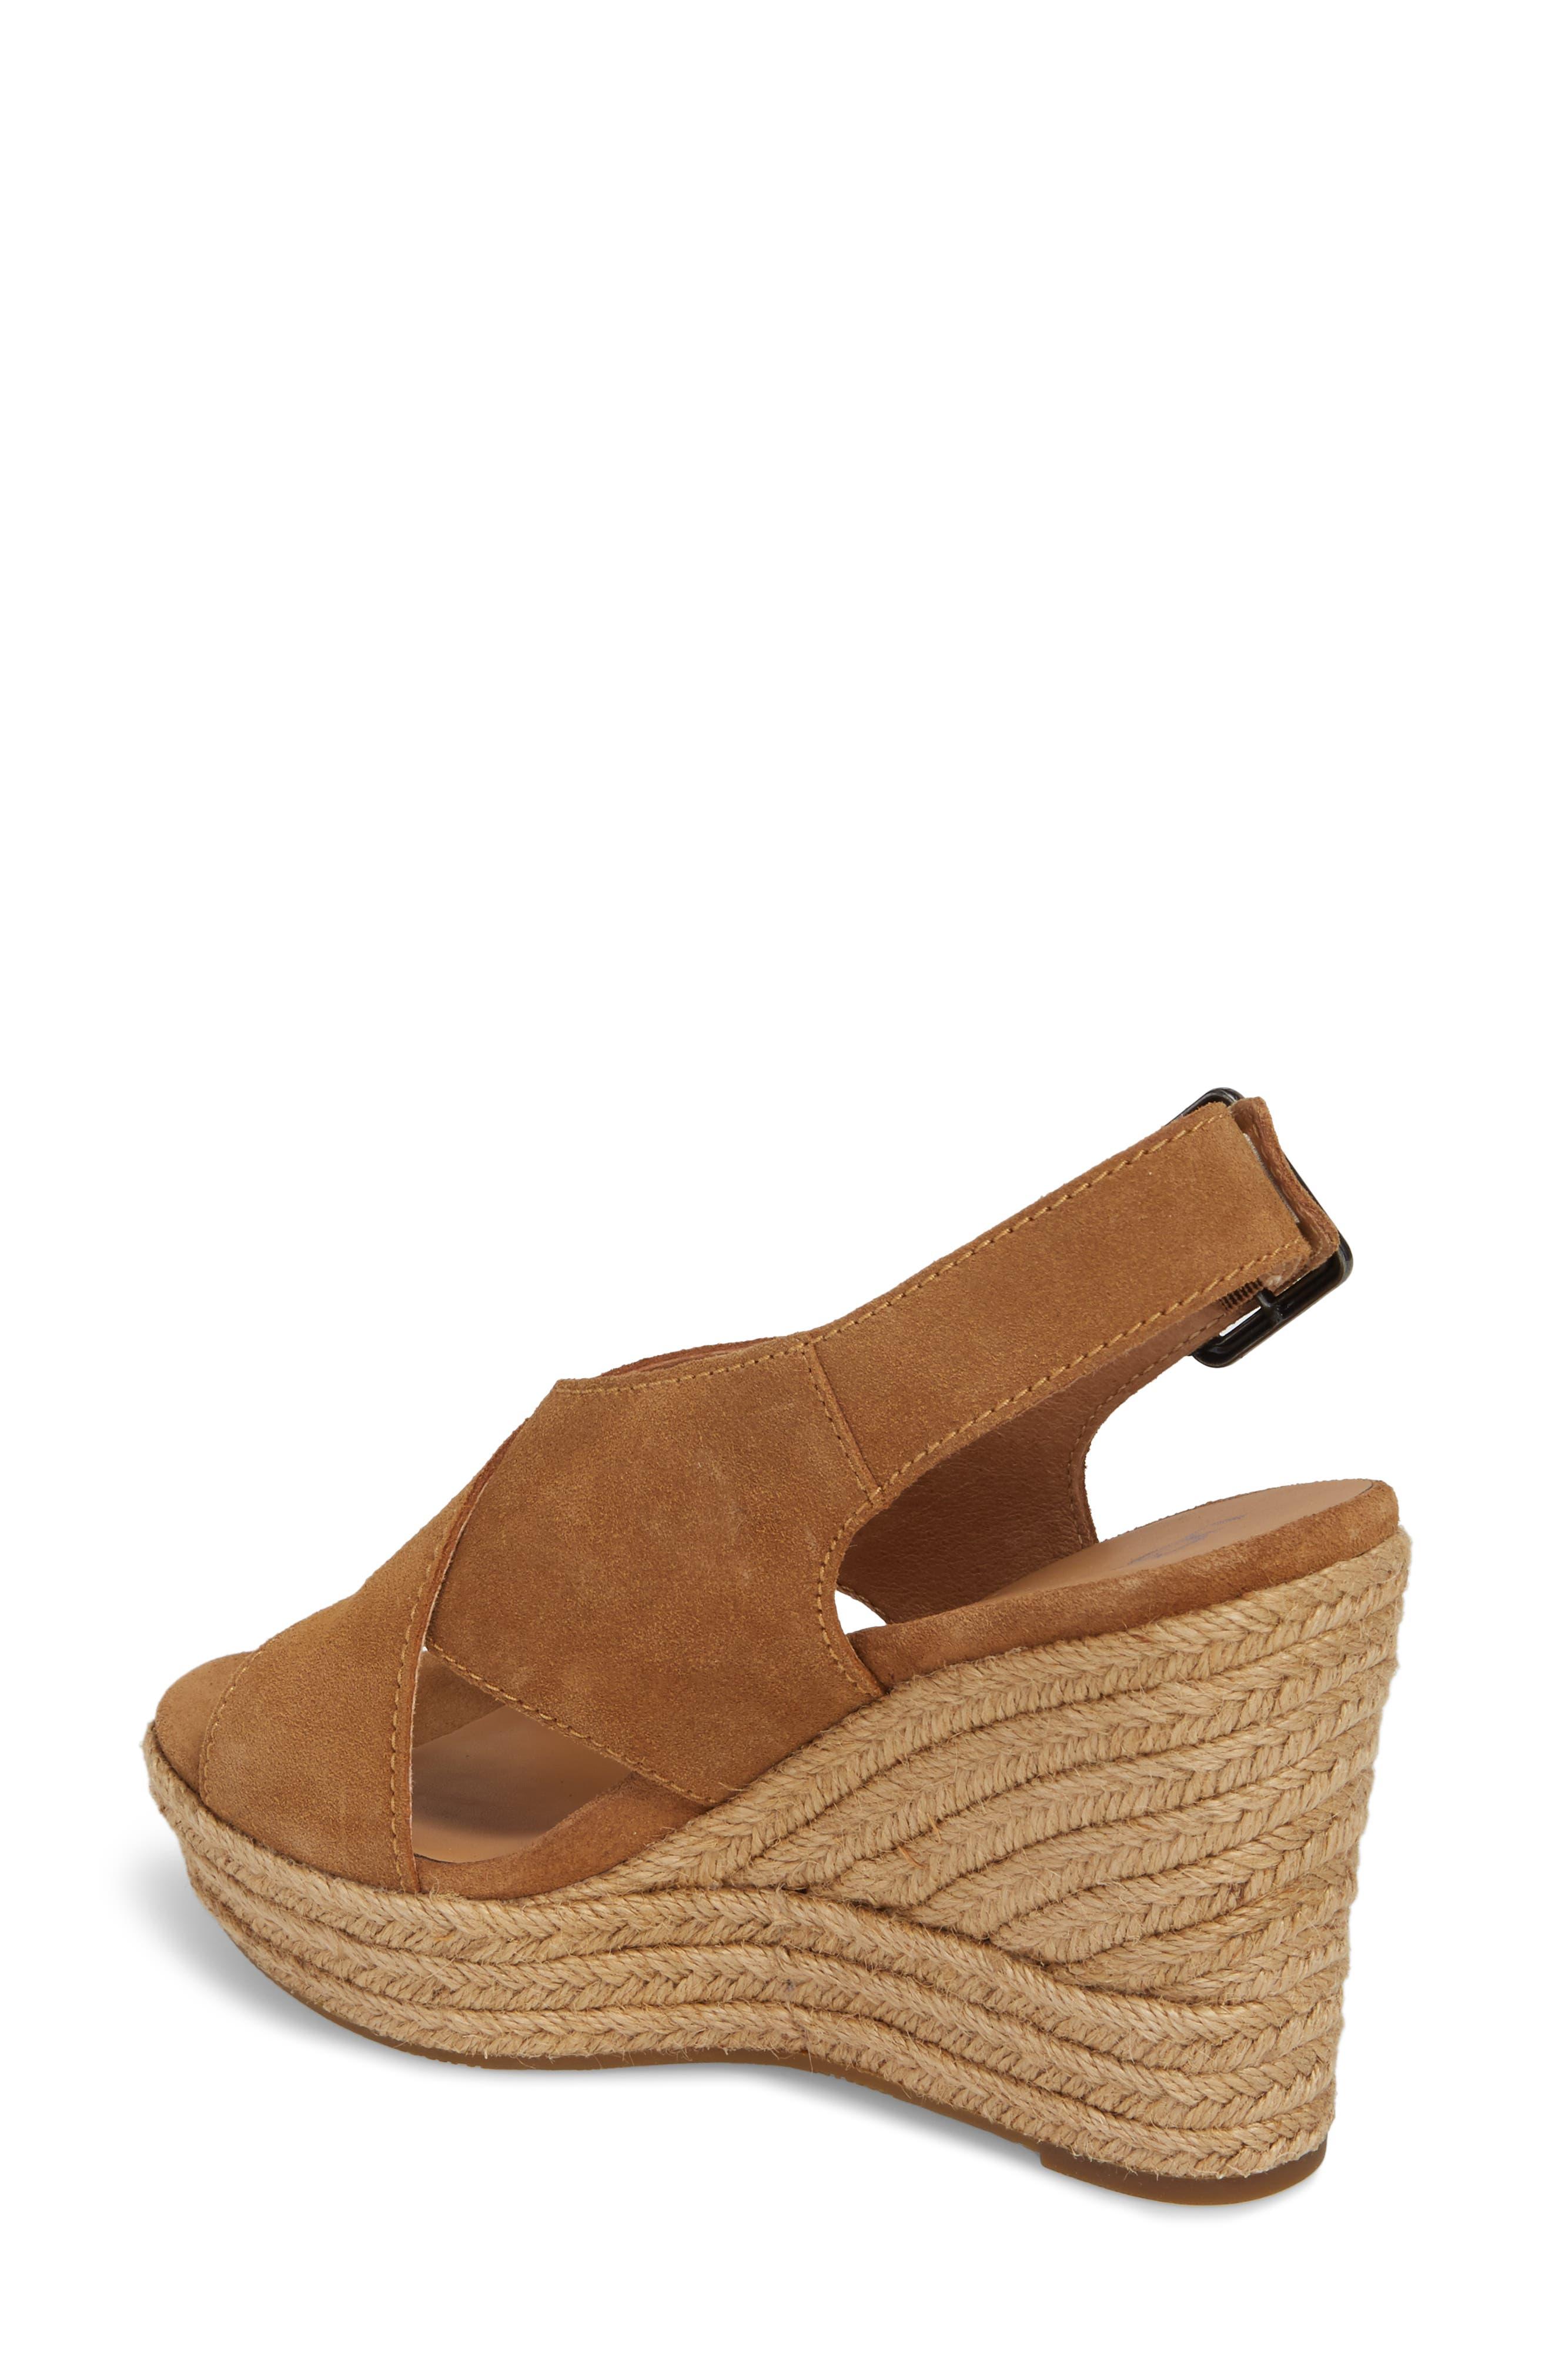 Harlow Platform Wedge Sandal,                             Alternate thumbnail 2, color,                             CHESTNUT SUEDE